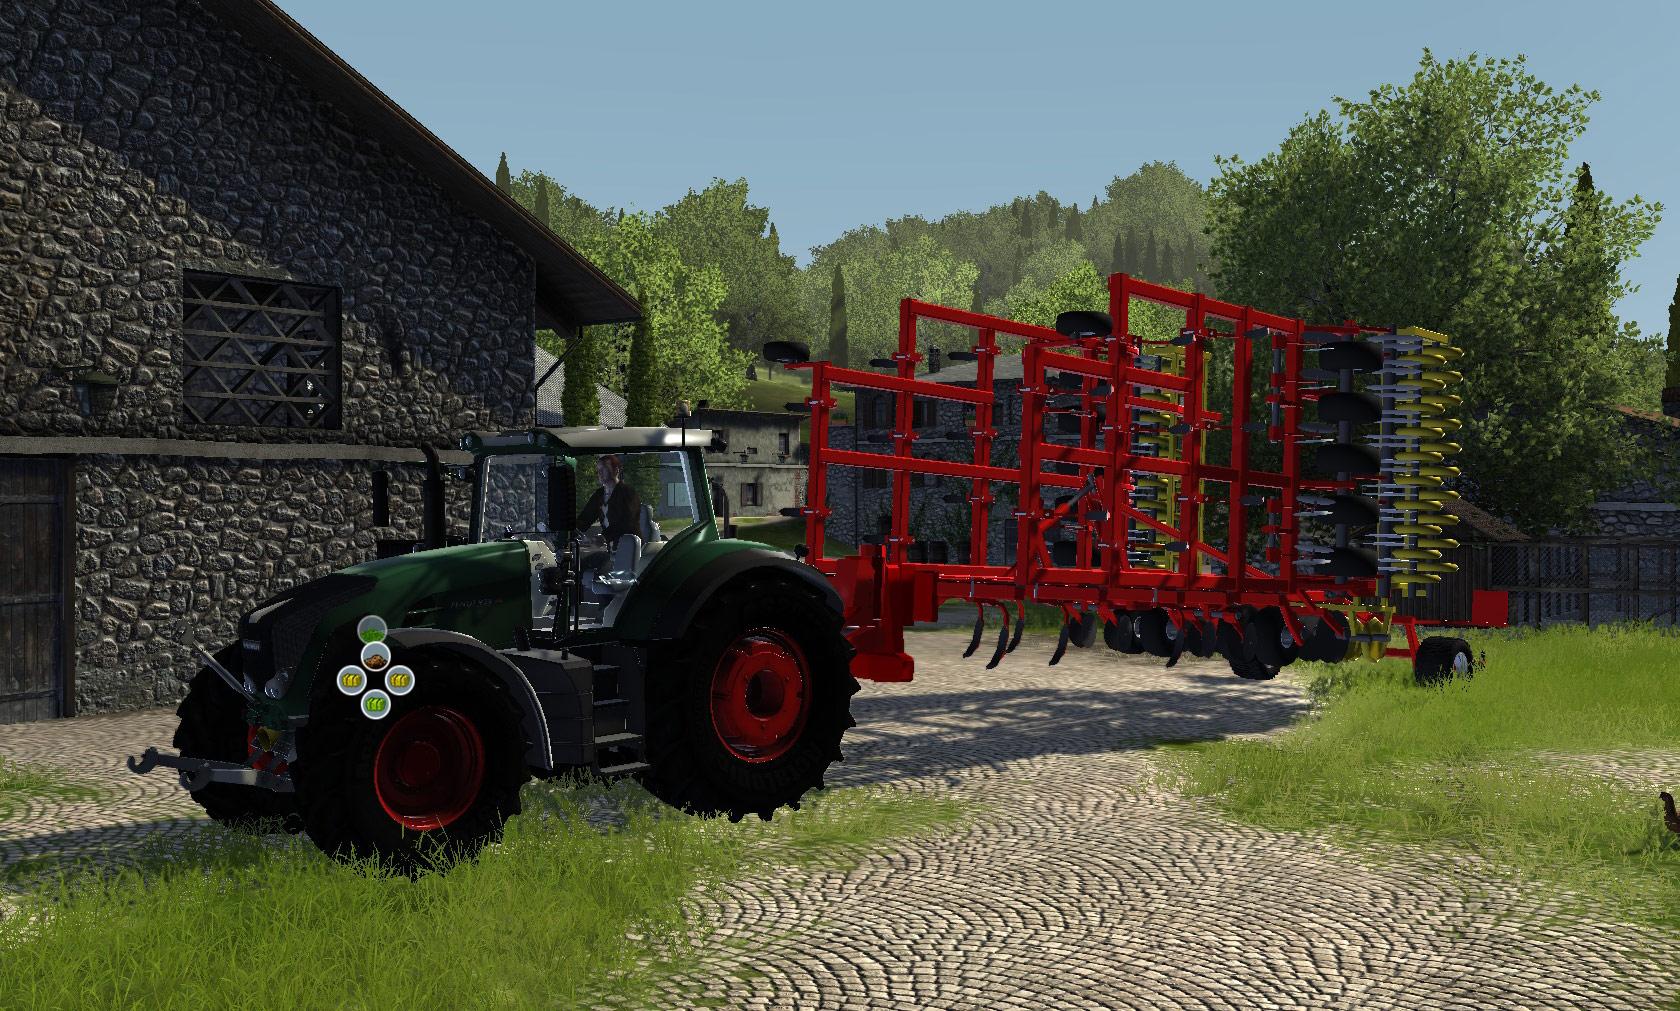 Długo oczekiwany Symulator Farmy powrócił